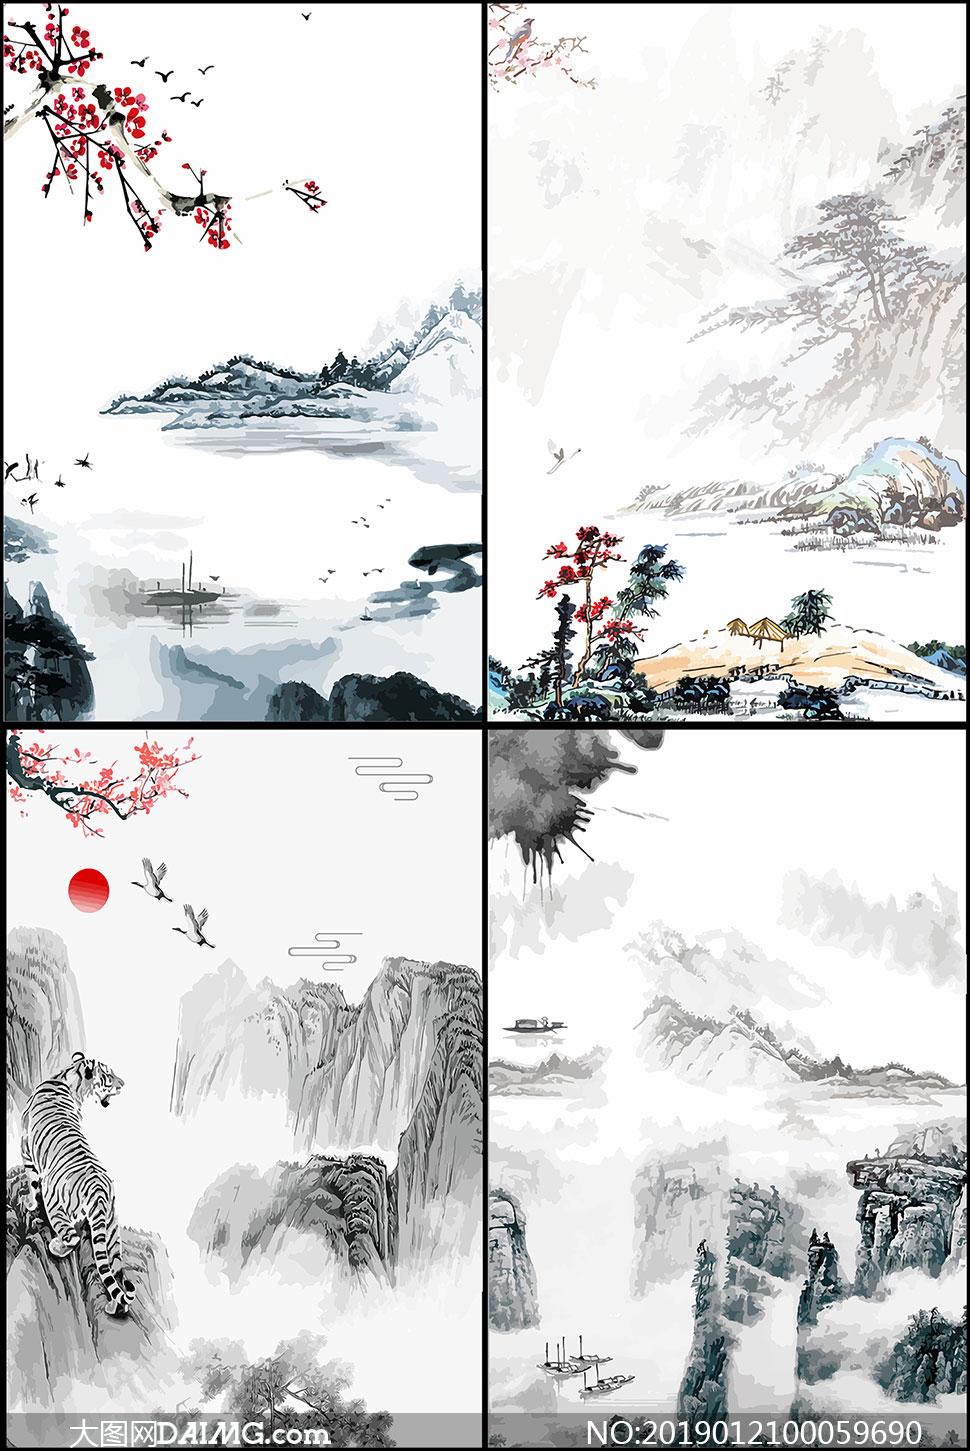 中国风古典山水背景设计矢量素材